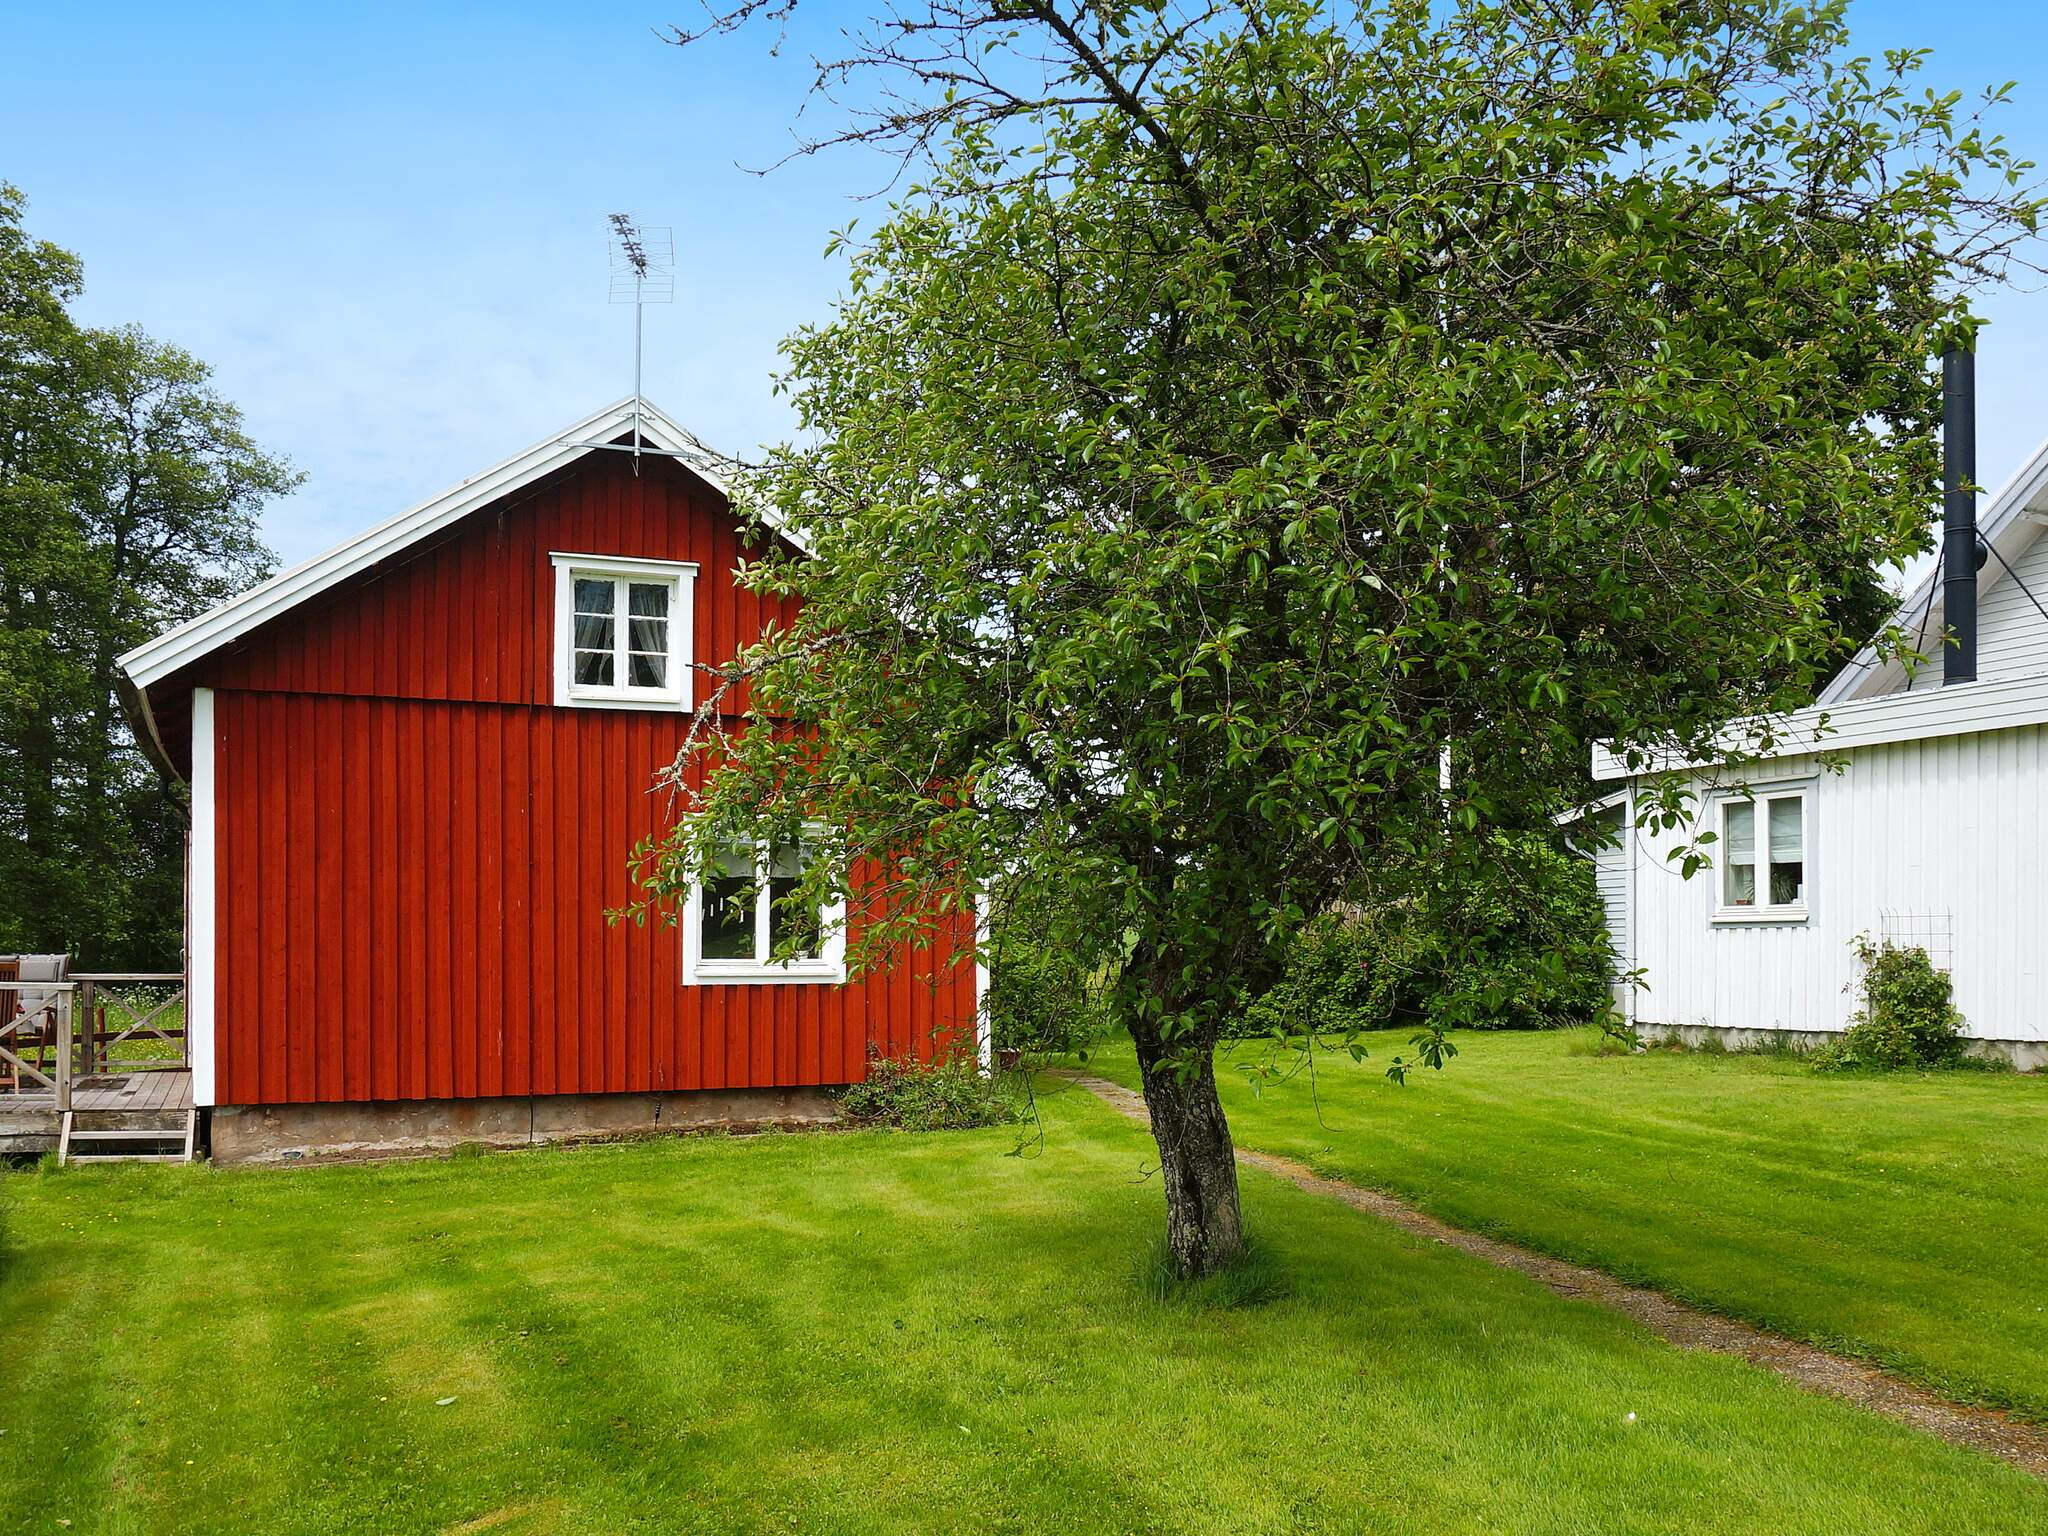 Ferienhaus Lidköping (2633224), Götene, Västra Götaland län, Westschweden, Schweden, Bild 9